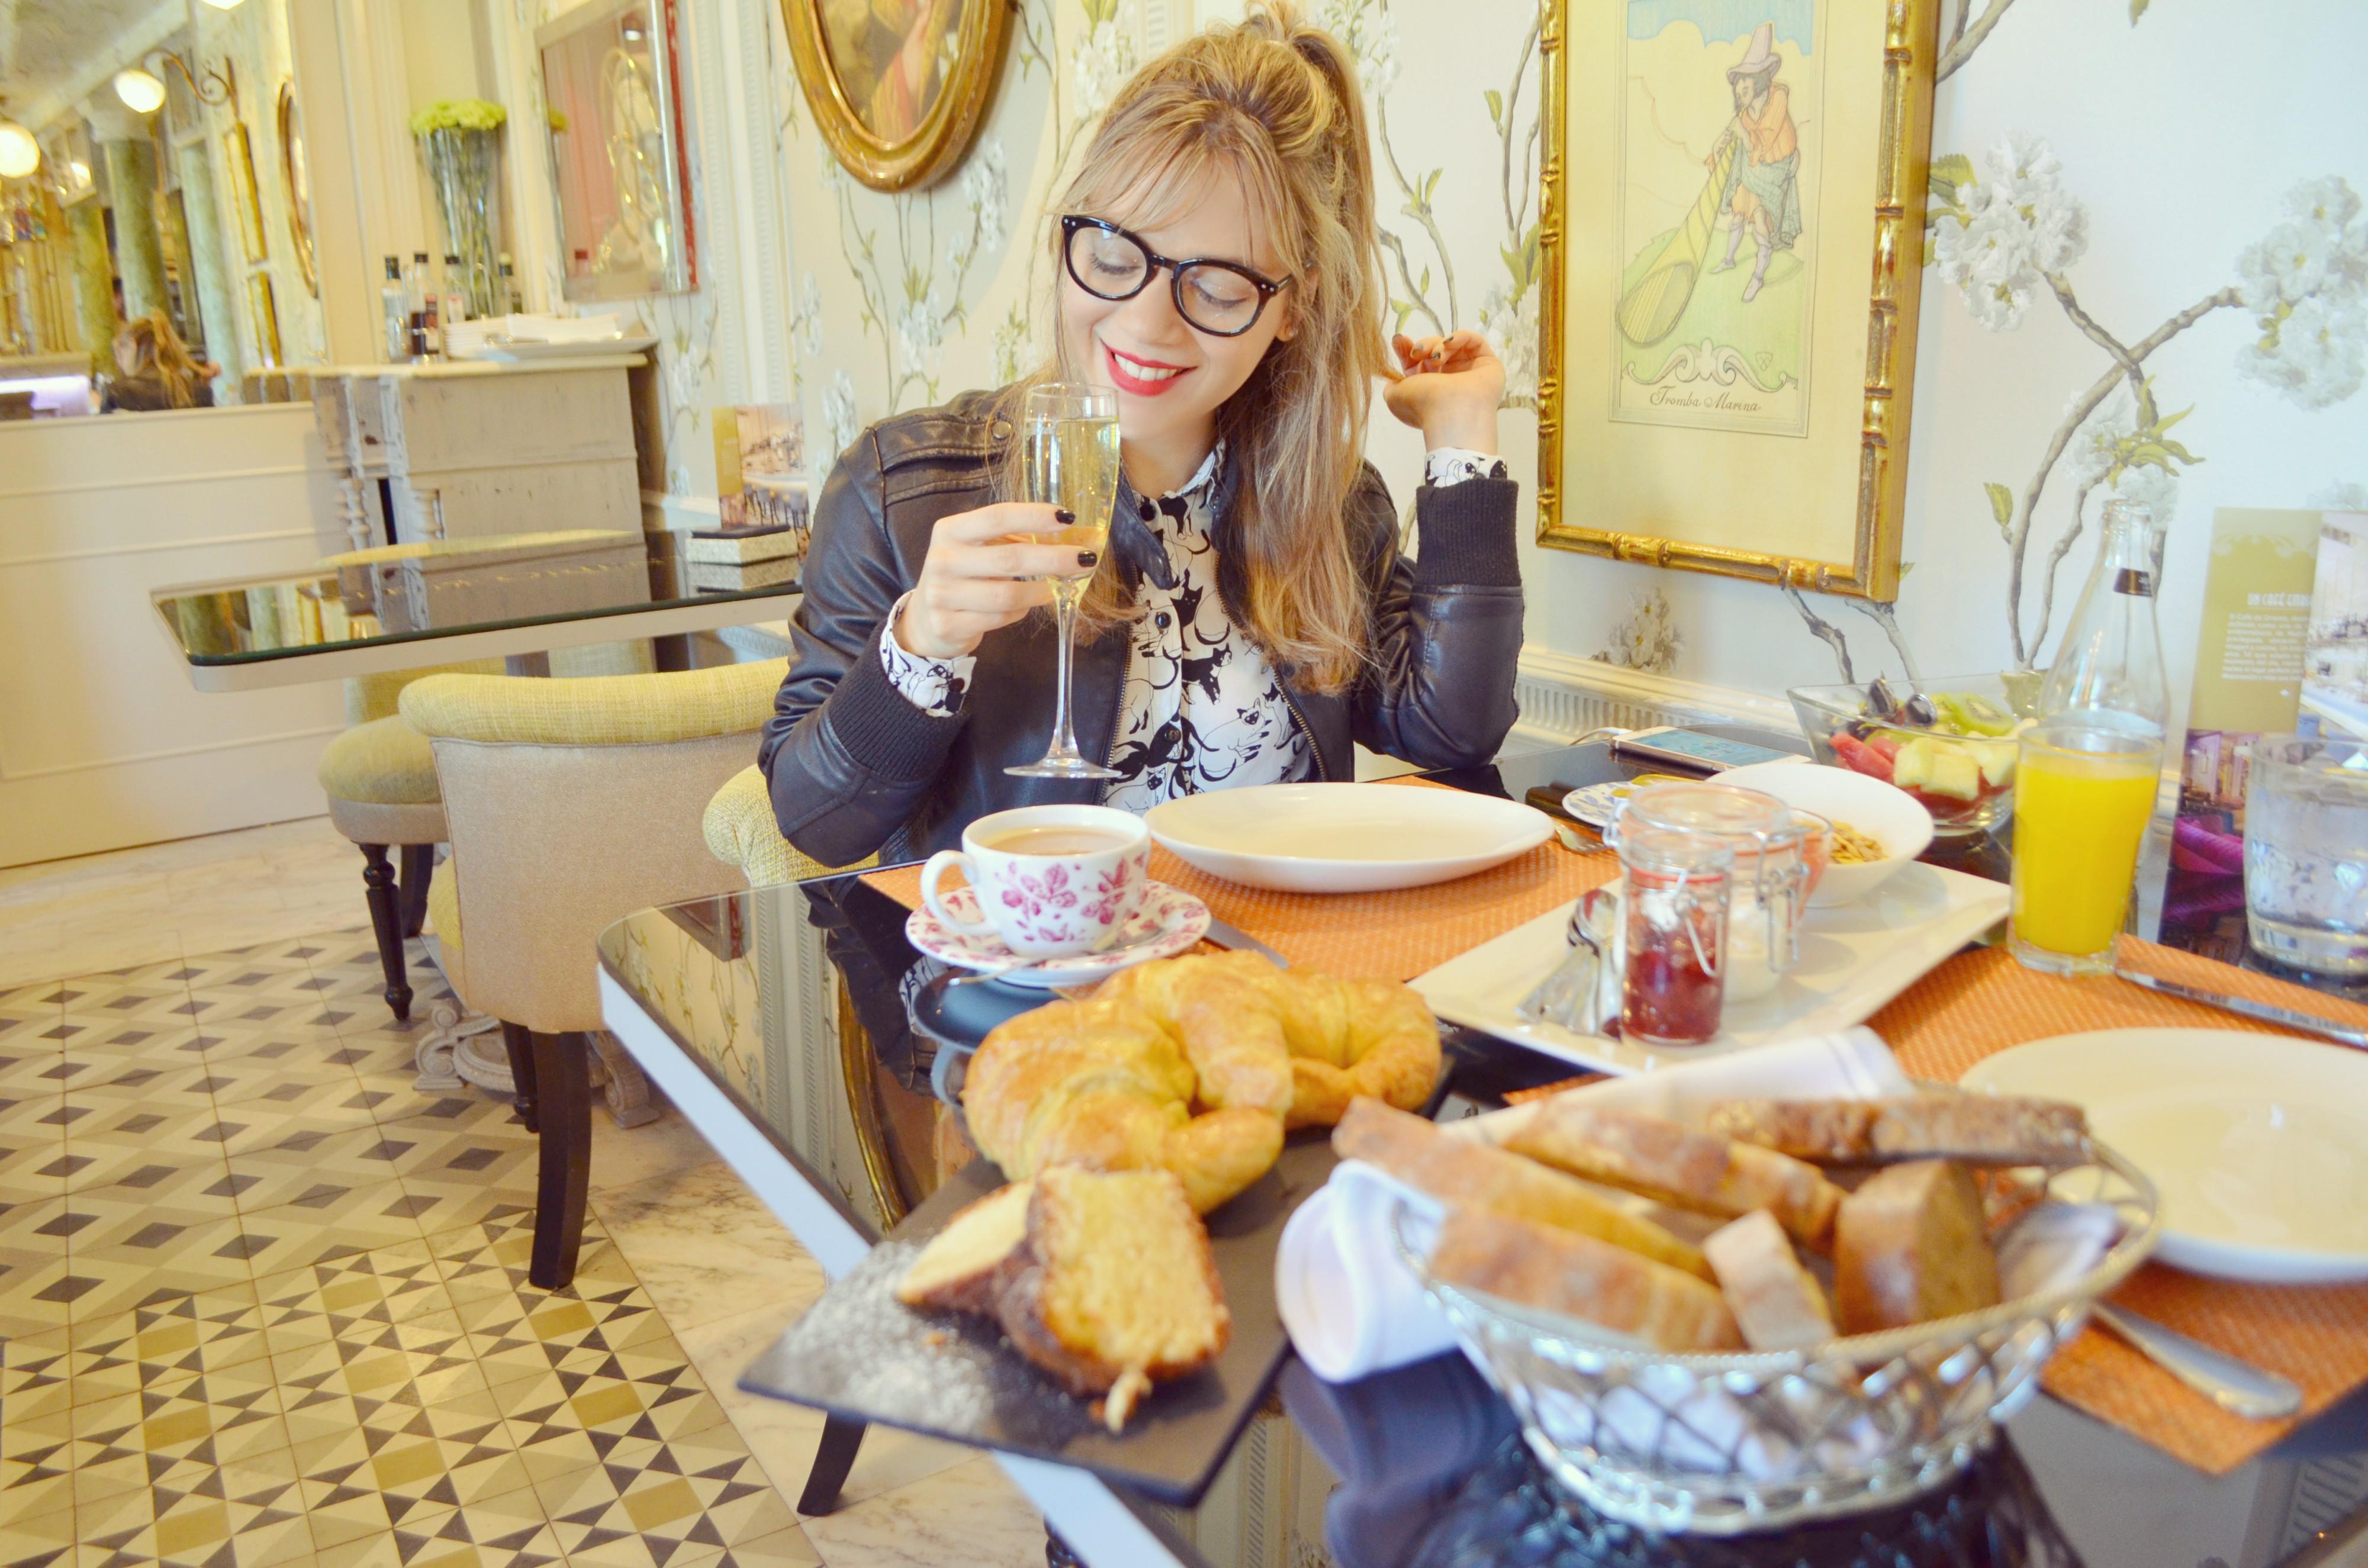 Brunch-Cafe-de-Oriente-Blog-de-moda-fashionista-desayunos-de-domingo-que-hacer-en-Madrid-PiensaenChic-ChicAdicta-Chic-Adicta-Piensa-en-Chic